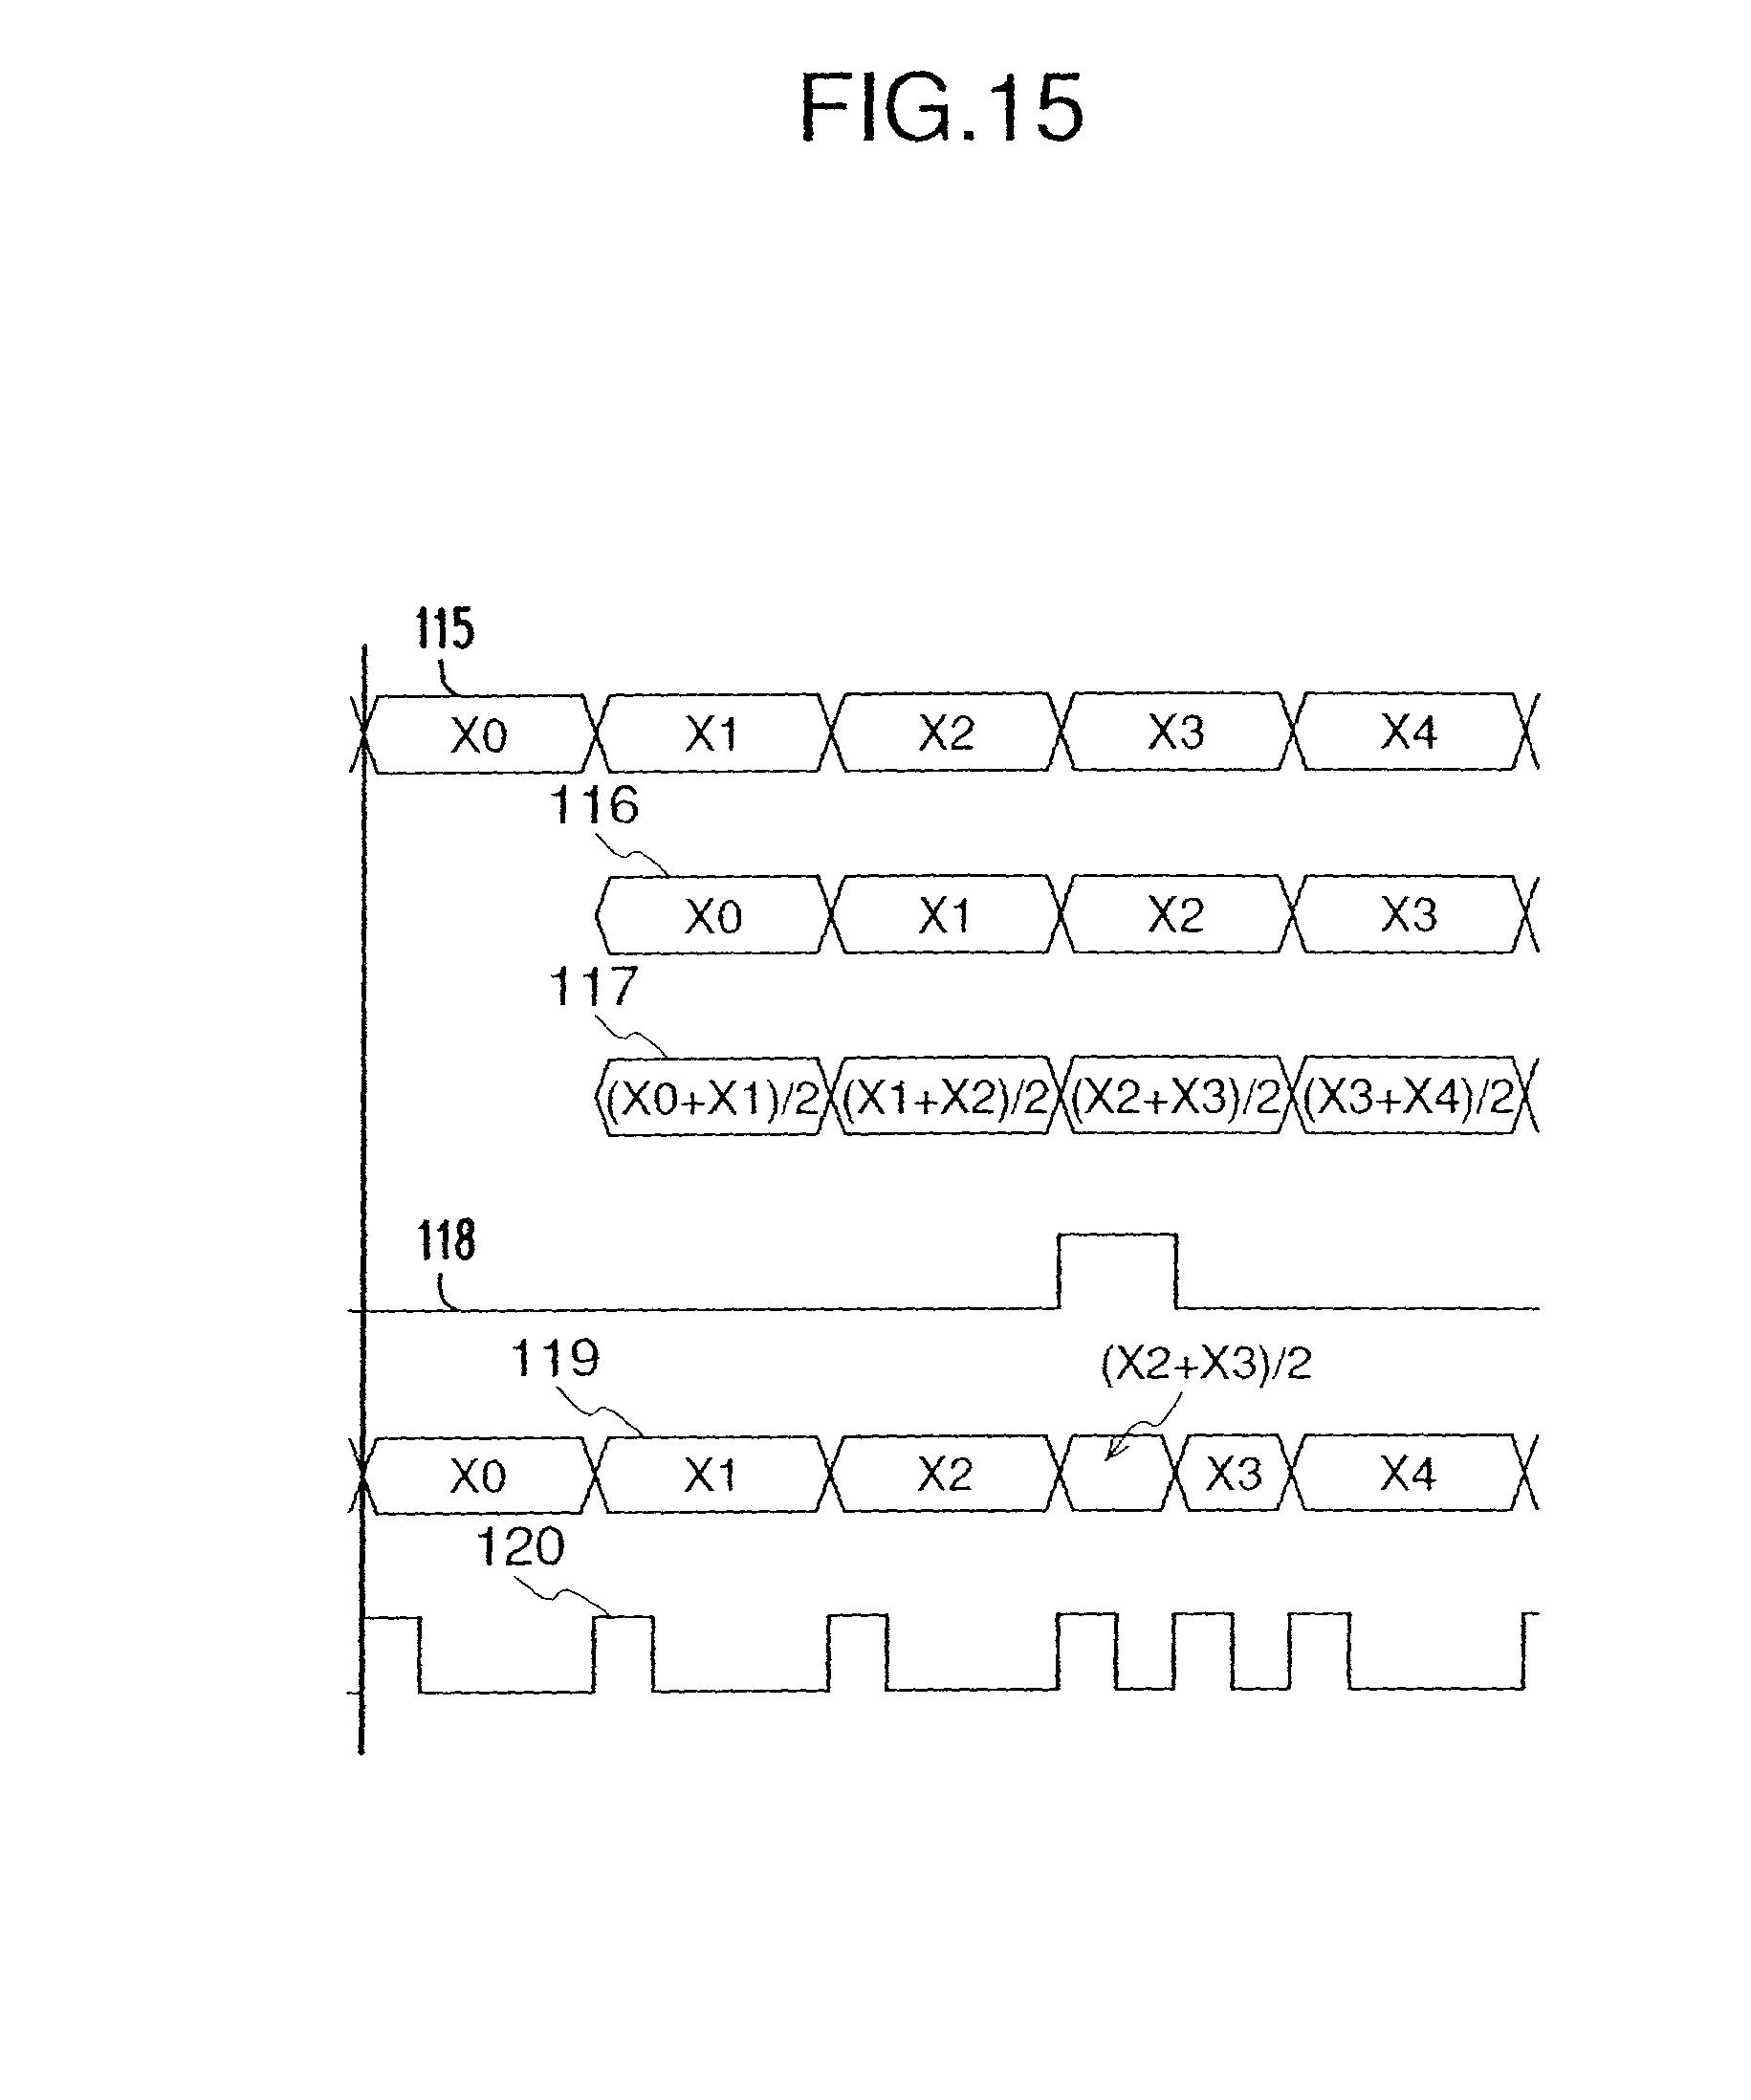 hiroko-sato-0029 Patent Drawing